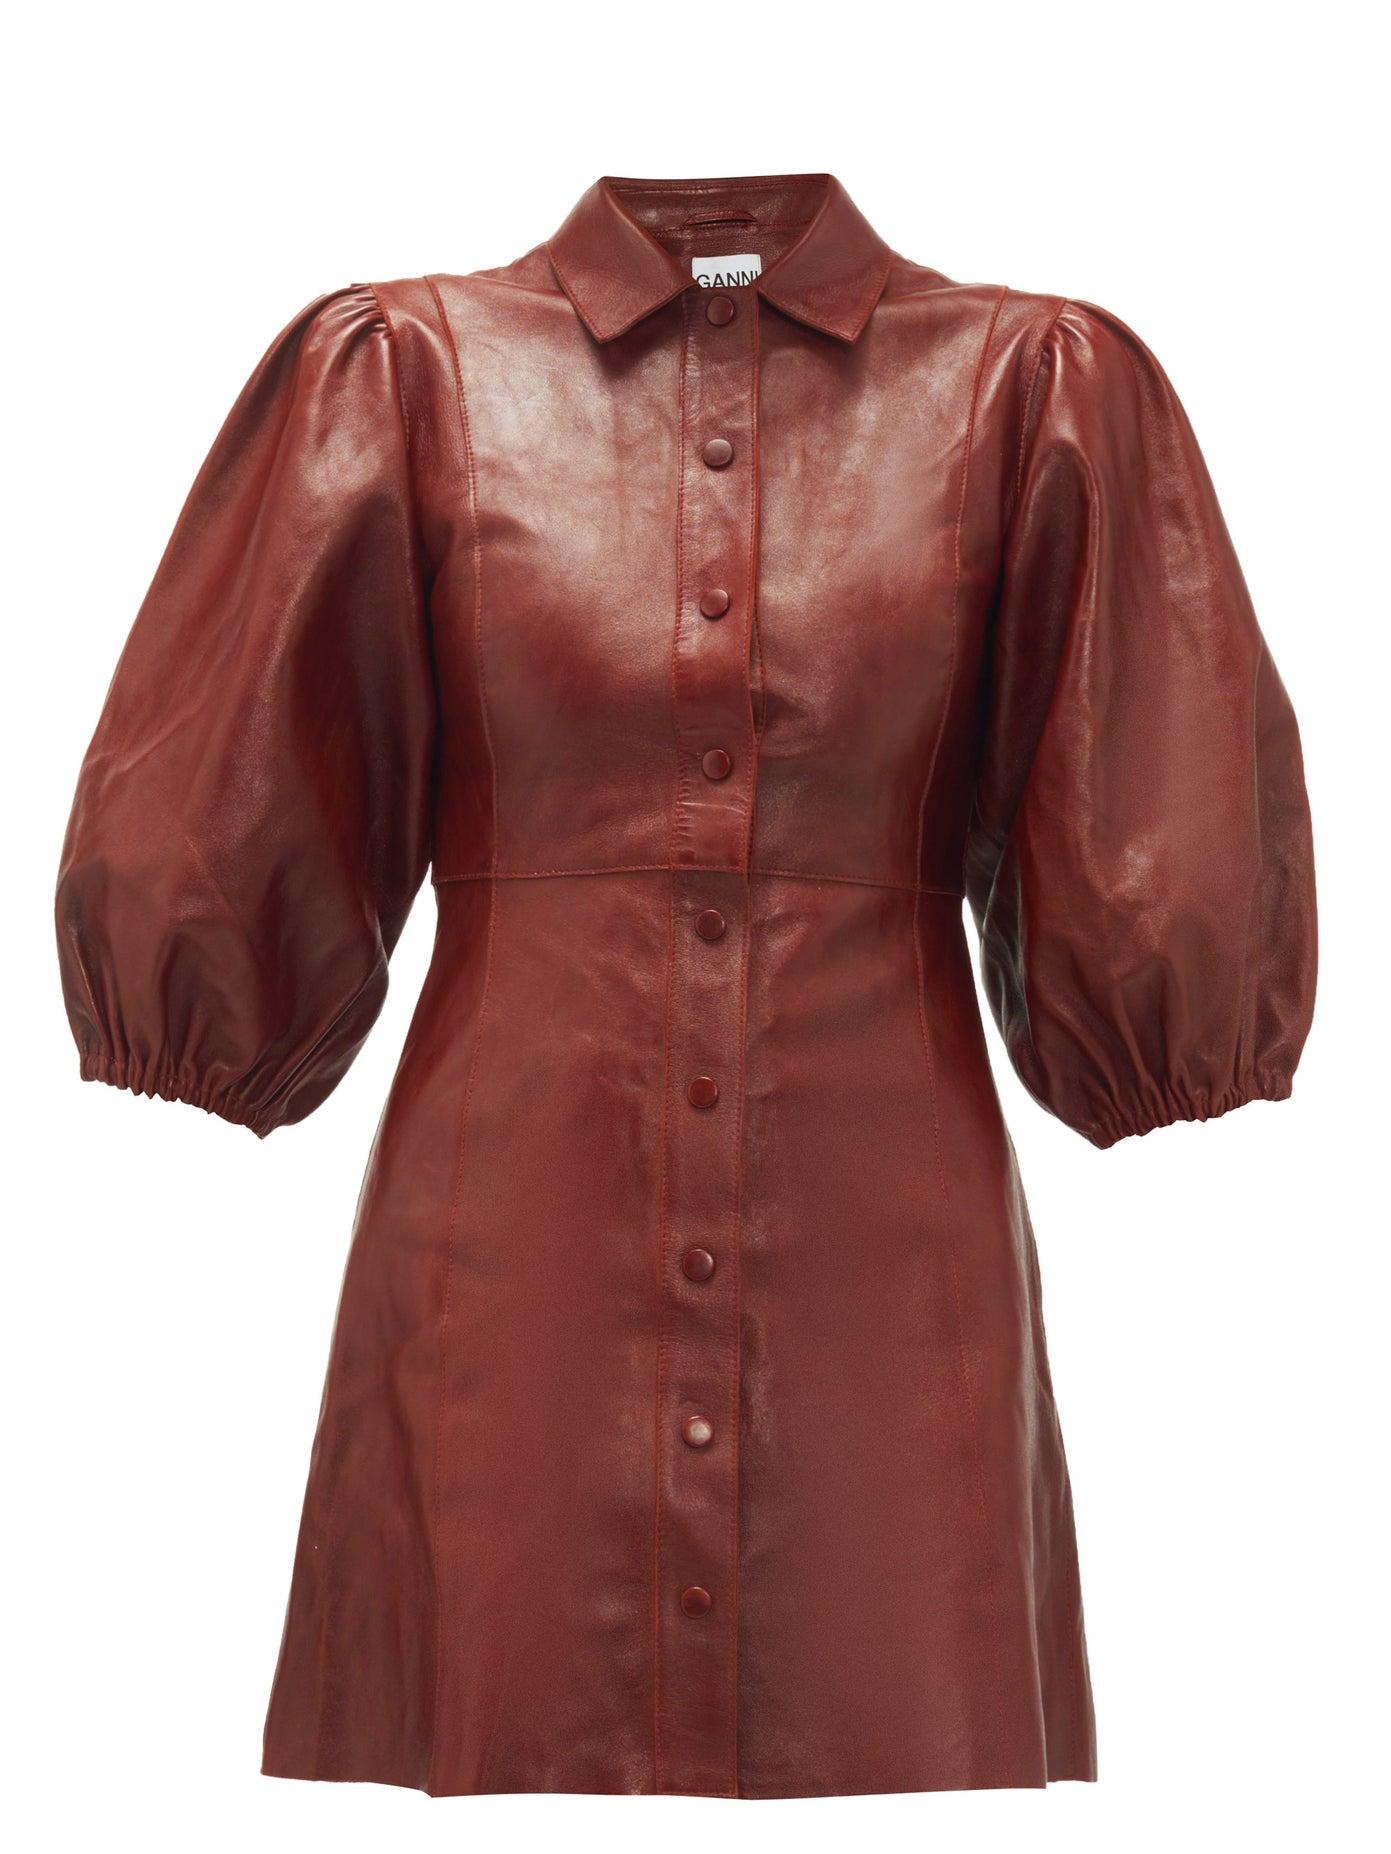 Ganni leather balloon sleeve dress